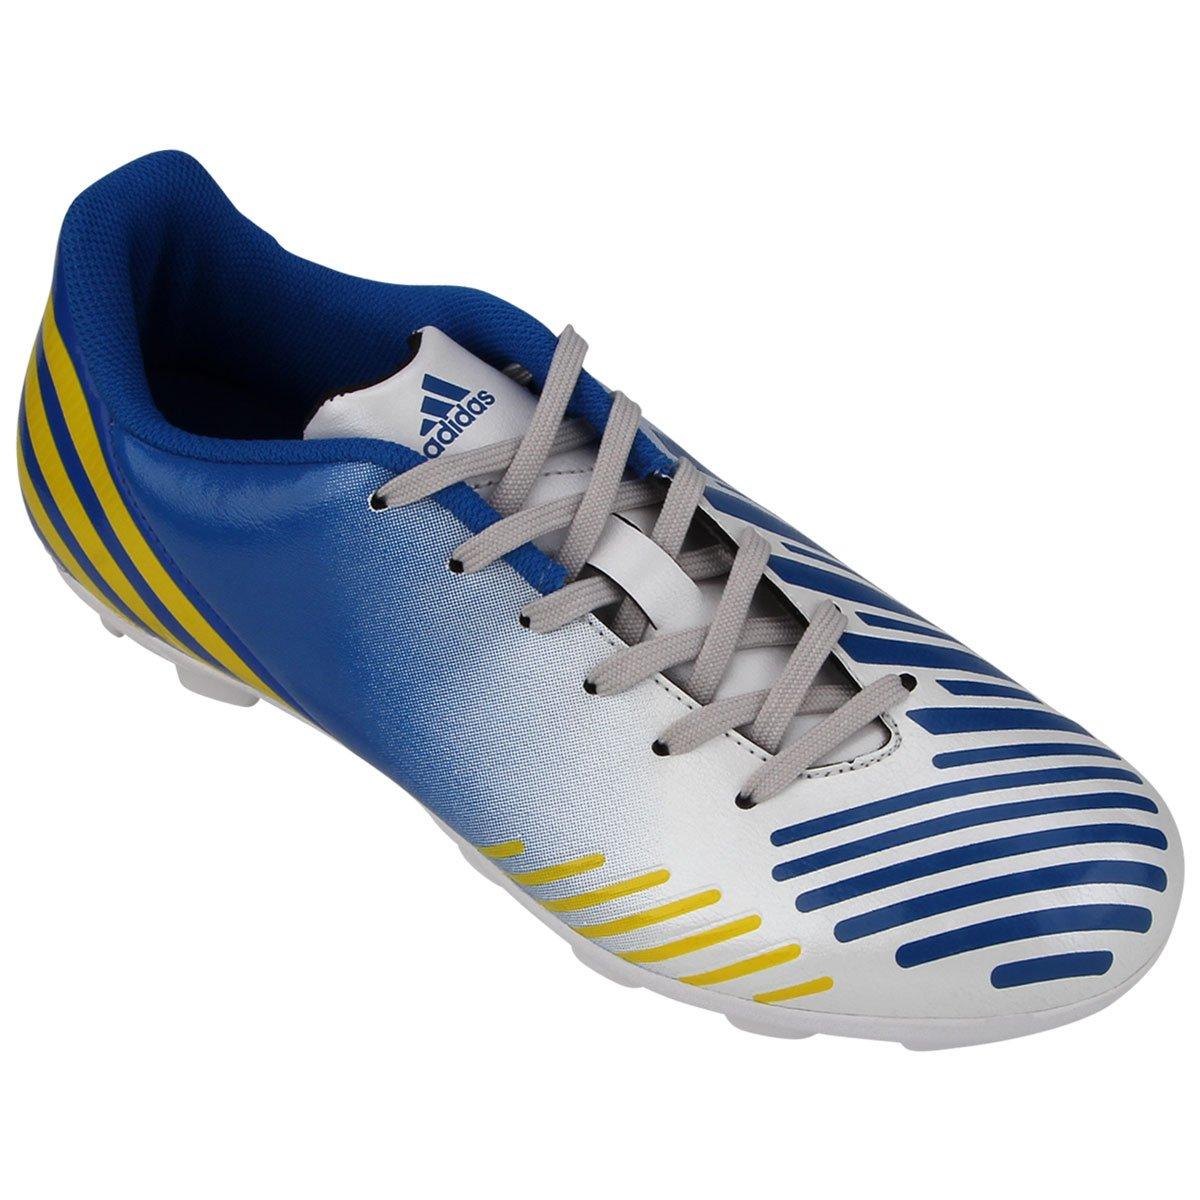 a42c6d9209f Chuteira Adidas Predito LZ TRX HG Infantil - Compre Agora